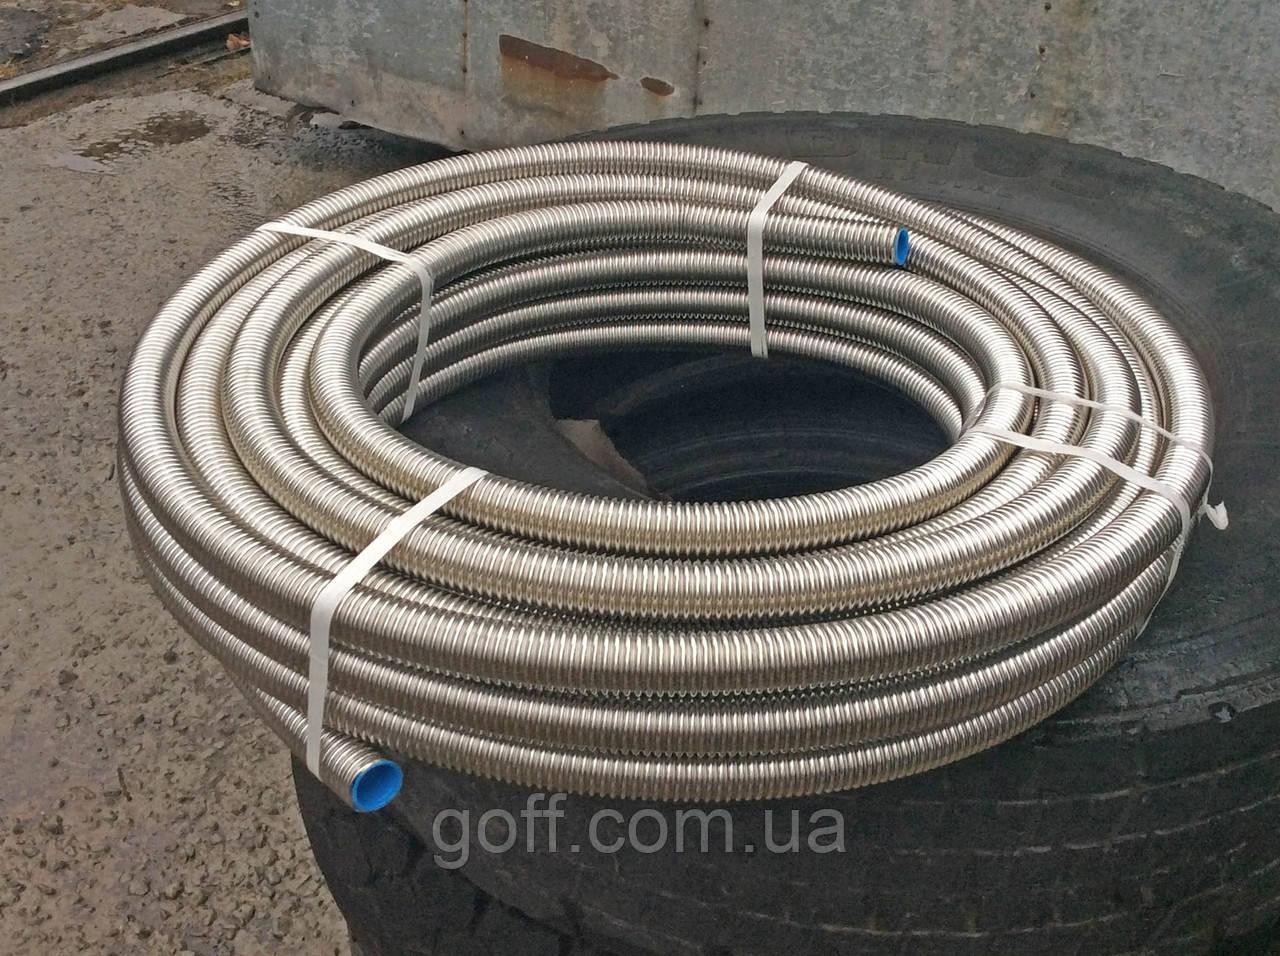 Труба гофрированная из нержавейки диаметром 32 мм, отожженная